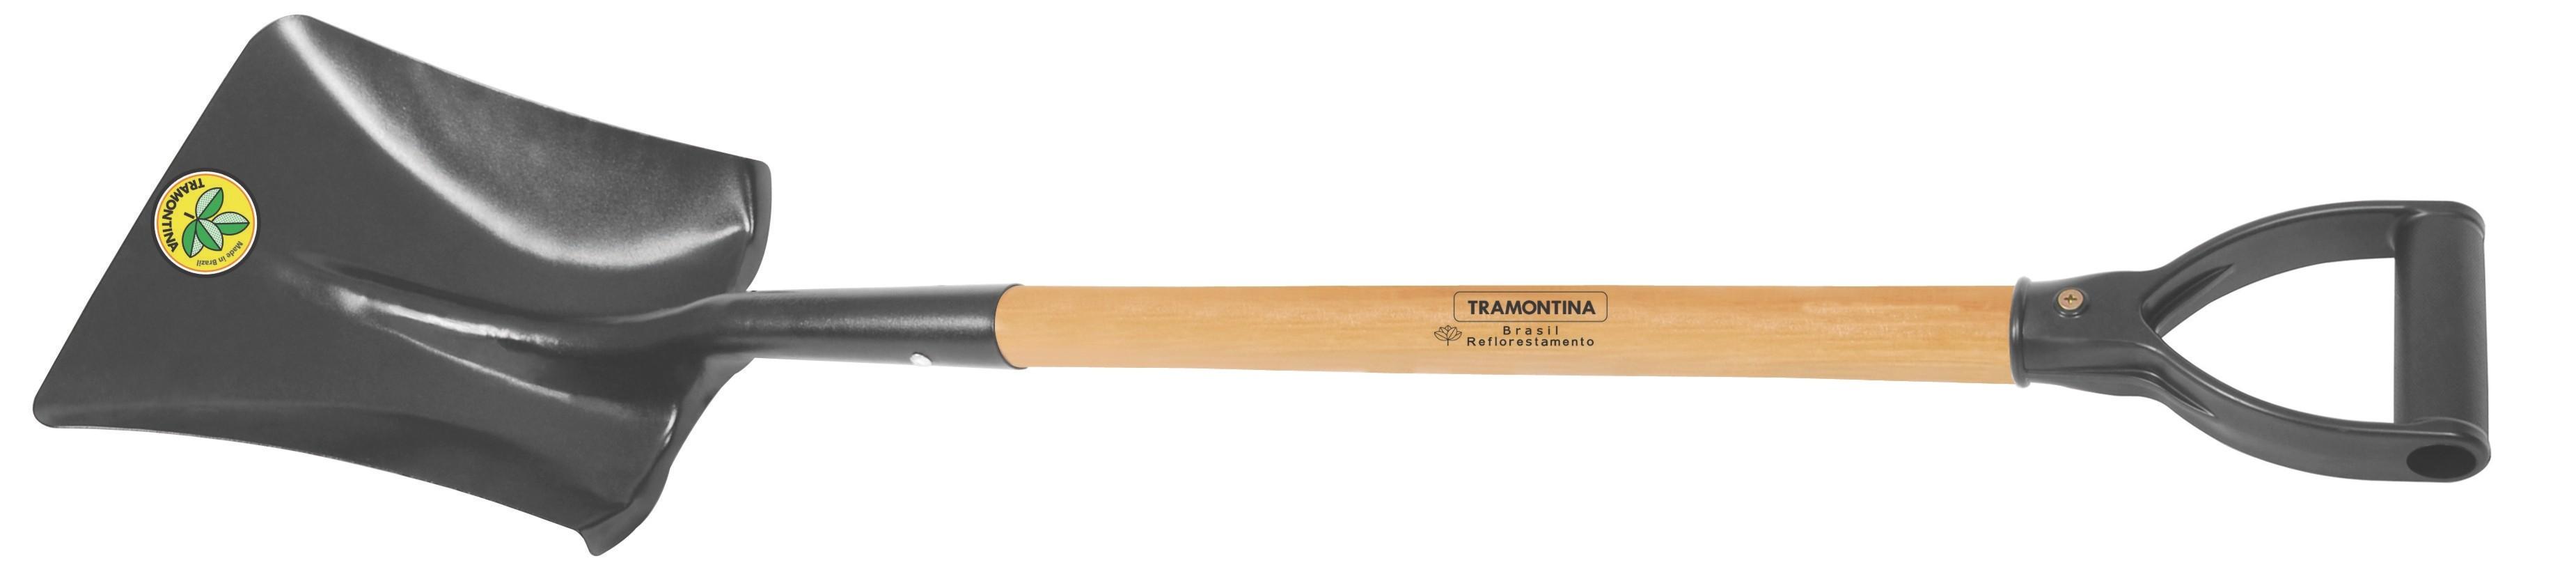 Square mouth shovel, 71 cm wood handle 77472/424